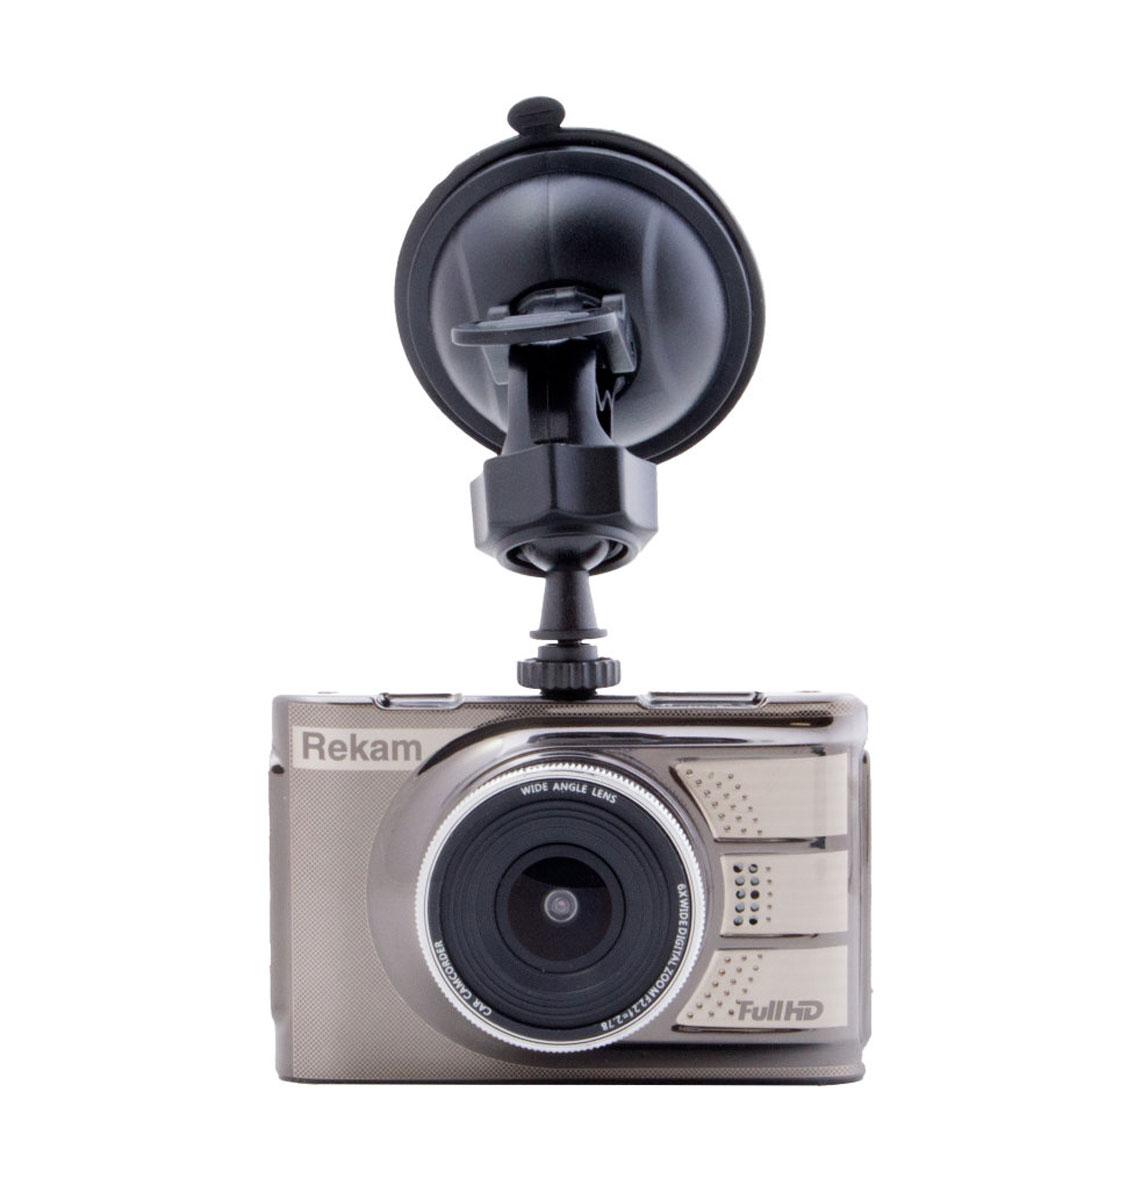 Rekam F200 видеорегистратор2603000005Качественное и мощное оснащение видеорегистратора Rekam F200 позволяет получать Full HD видео с разрешением 1920х1080, охватывая все необходимые детали и подробности в любых условиях освещённости. Во время движения, в случае удара, резкого торможения или ускорения встроенный датчик удара (G-сенсор) автоматически переведёт регистратор в аварийный режим работы и запишет видеофайл в отдельную папку, защитив от уничтожения. На лицевой стороне видеорегистратора Rekam F200 расположен 6 линзовый объектив. Он имеет угол обзора 120° и диафрагму 2.2, что обеспечивает достойное качество съемки высокого качества, как в Full HD, так и в HD разрешении при различных условиях освещения. Помимо объектива, на лицевой стороне расположен встроенный динамик. Кроме режима записи видео со звуком, Rekam F200 поддерживает режим съемки фотографий. Для расширения функциональных возможностей видеорегистратор оснастили функцией стабилизации изображения, 3-х осевым G-сенсором, на...